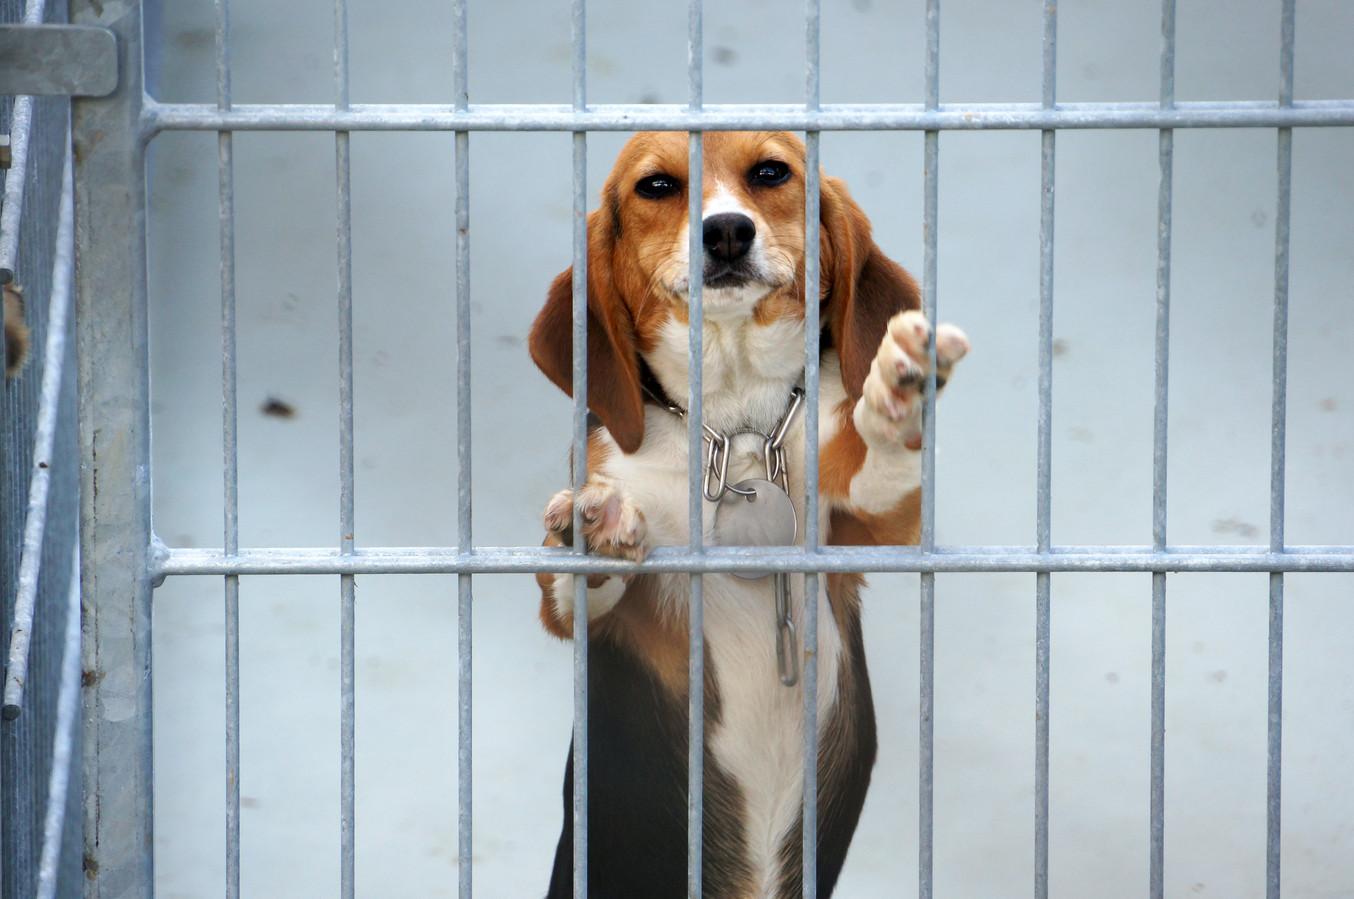 Beagle-honden worden veel voor dierproeven gebruikt. Foto uit Duitsland.